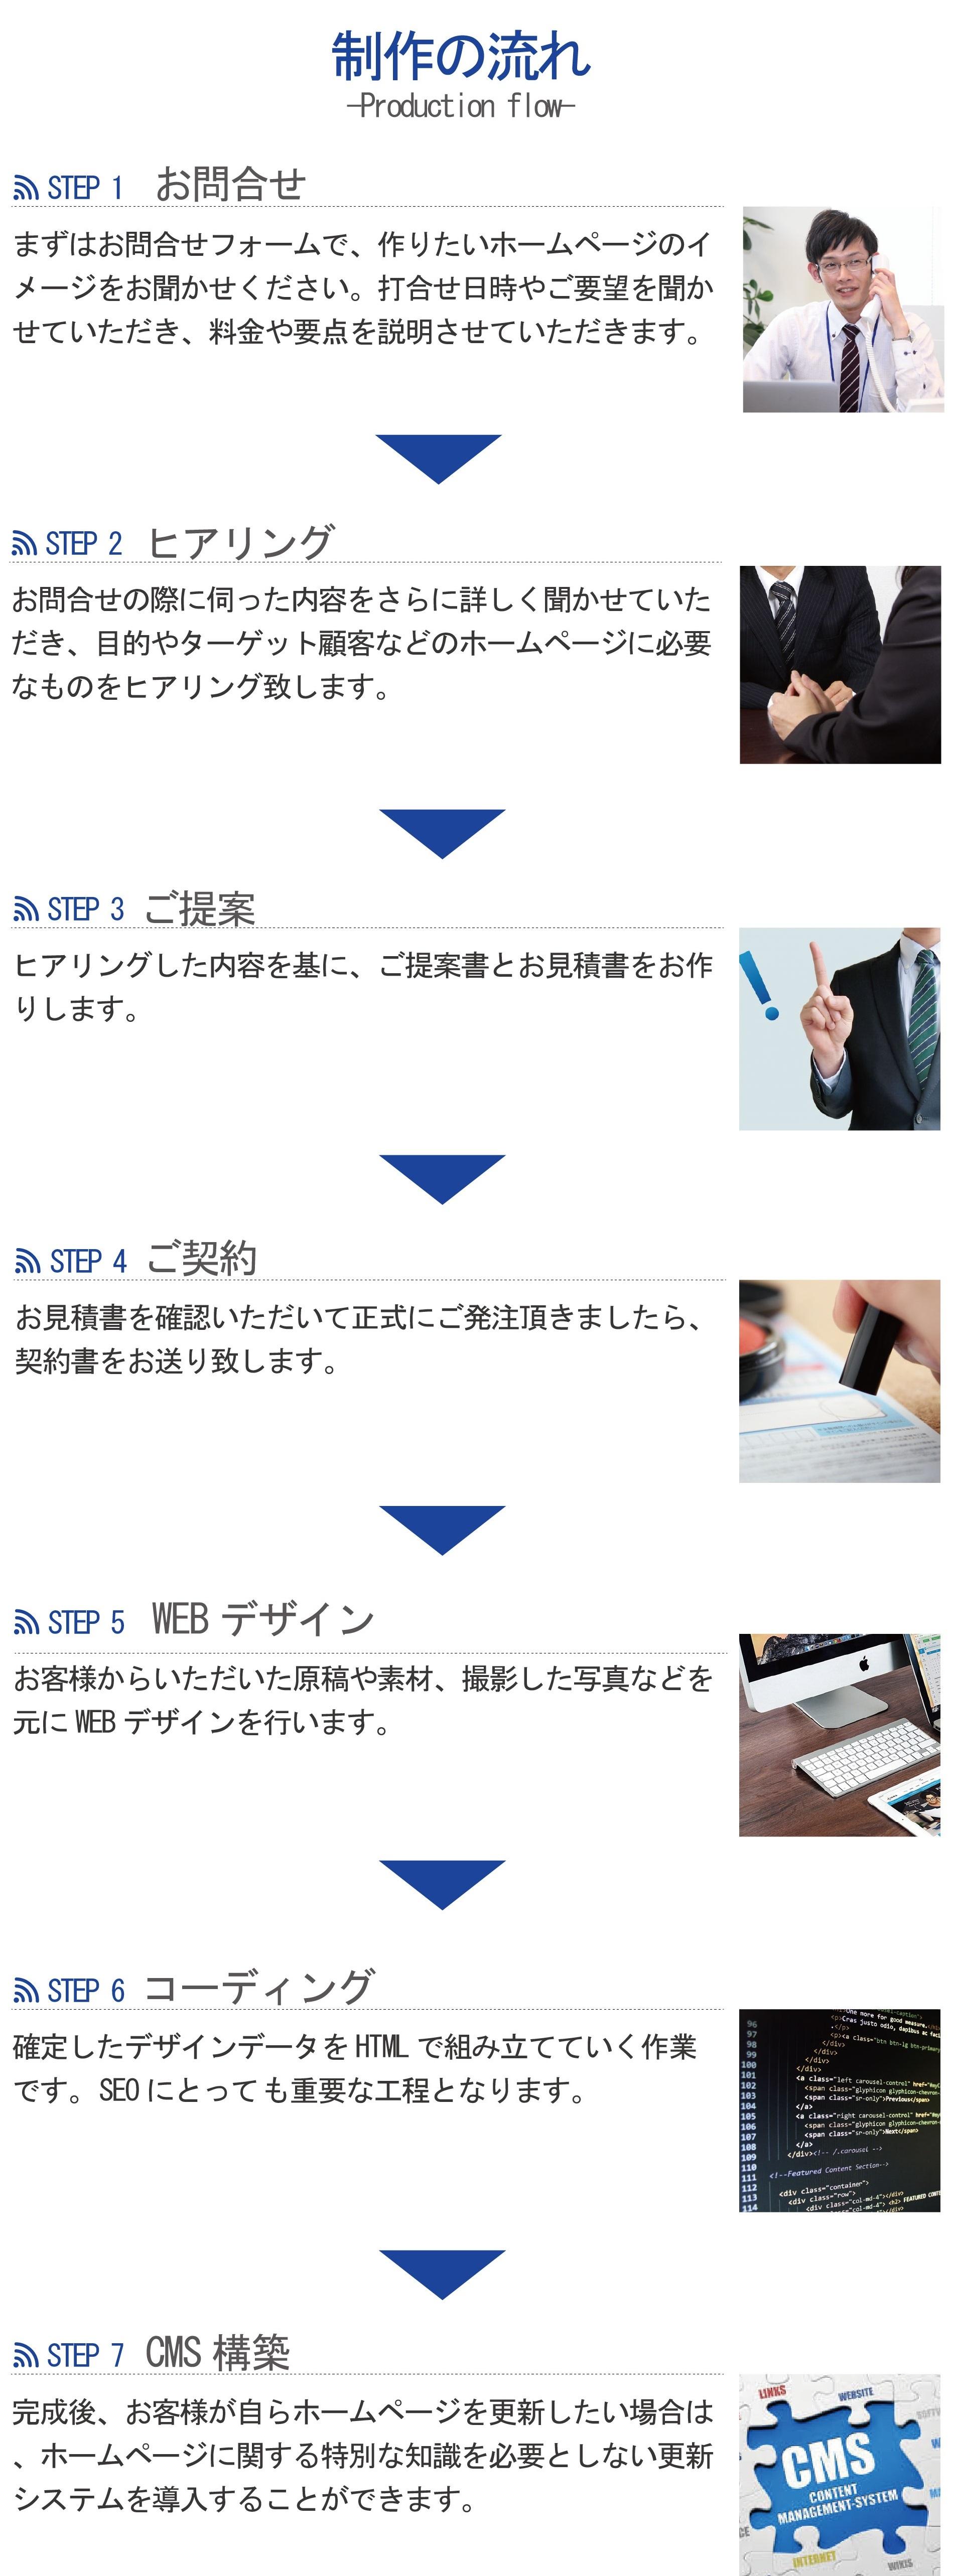 制作の流れ  STEP1 お問い合わせ まずは、お問い合わせフォームで、作りたいホームページのイメージをお聞かせください。   STEP2 ヒアリング お問い合わせの際に伺った内容をさらに詳しく聞かせていただき、必要なものをヒアリング致します。  STEP3 ご提案 ご提案書とお見積書をお作り致します。  STEP4 ご契約 正式にご発注頂きましたら、契約書をお送り致します。  STEP5 WEBデザイン WEBデザインを行います。  STEP6 コーディング 確定したデザインデータをHTMLで組み立てていく作業です。 STEP7 CMS構築 完成後、お客様が自らホームページを更新したい場合は、ホームページに関する特別な知識を必要としない 更新システムを導入することができます。